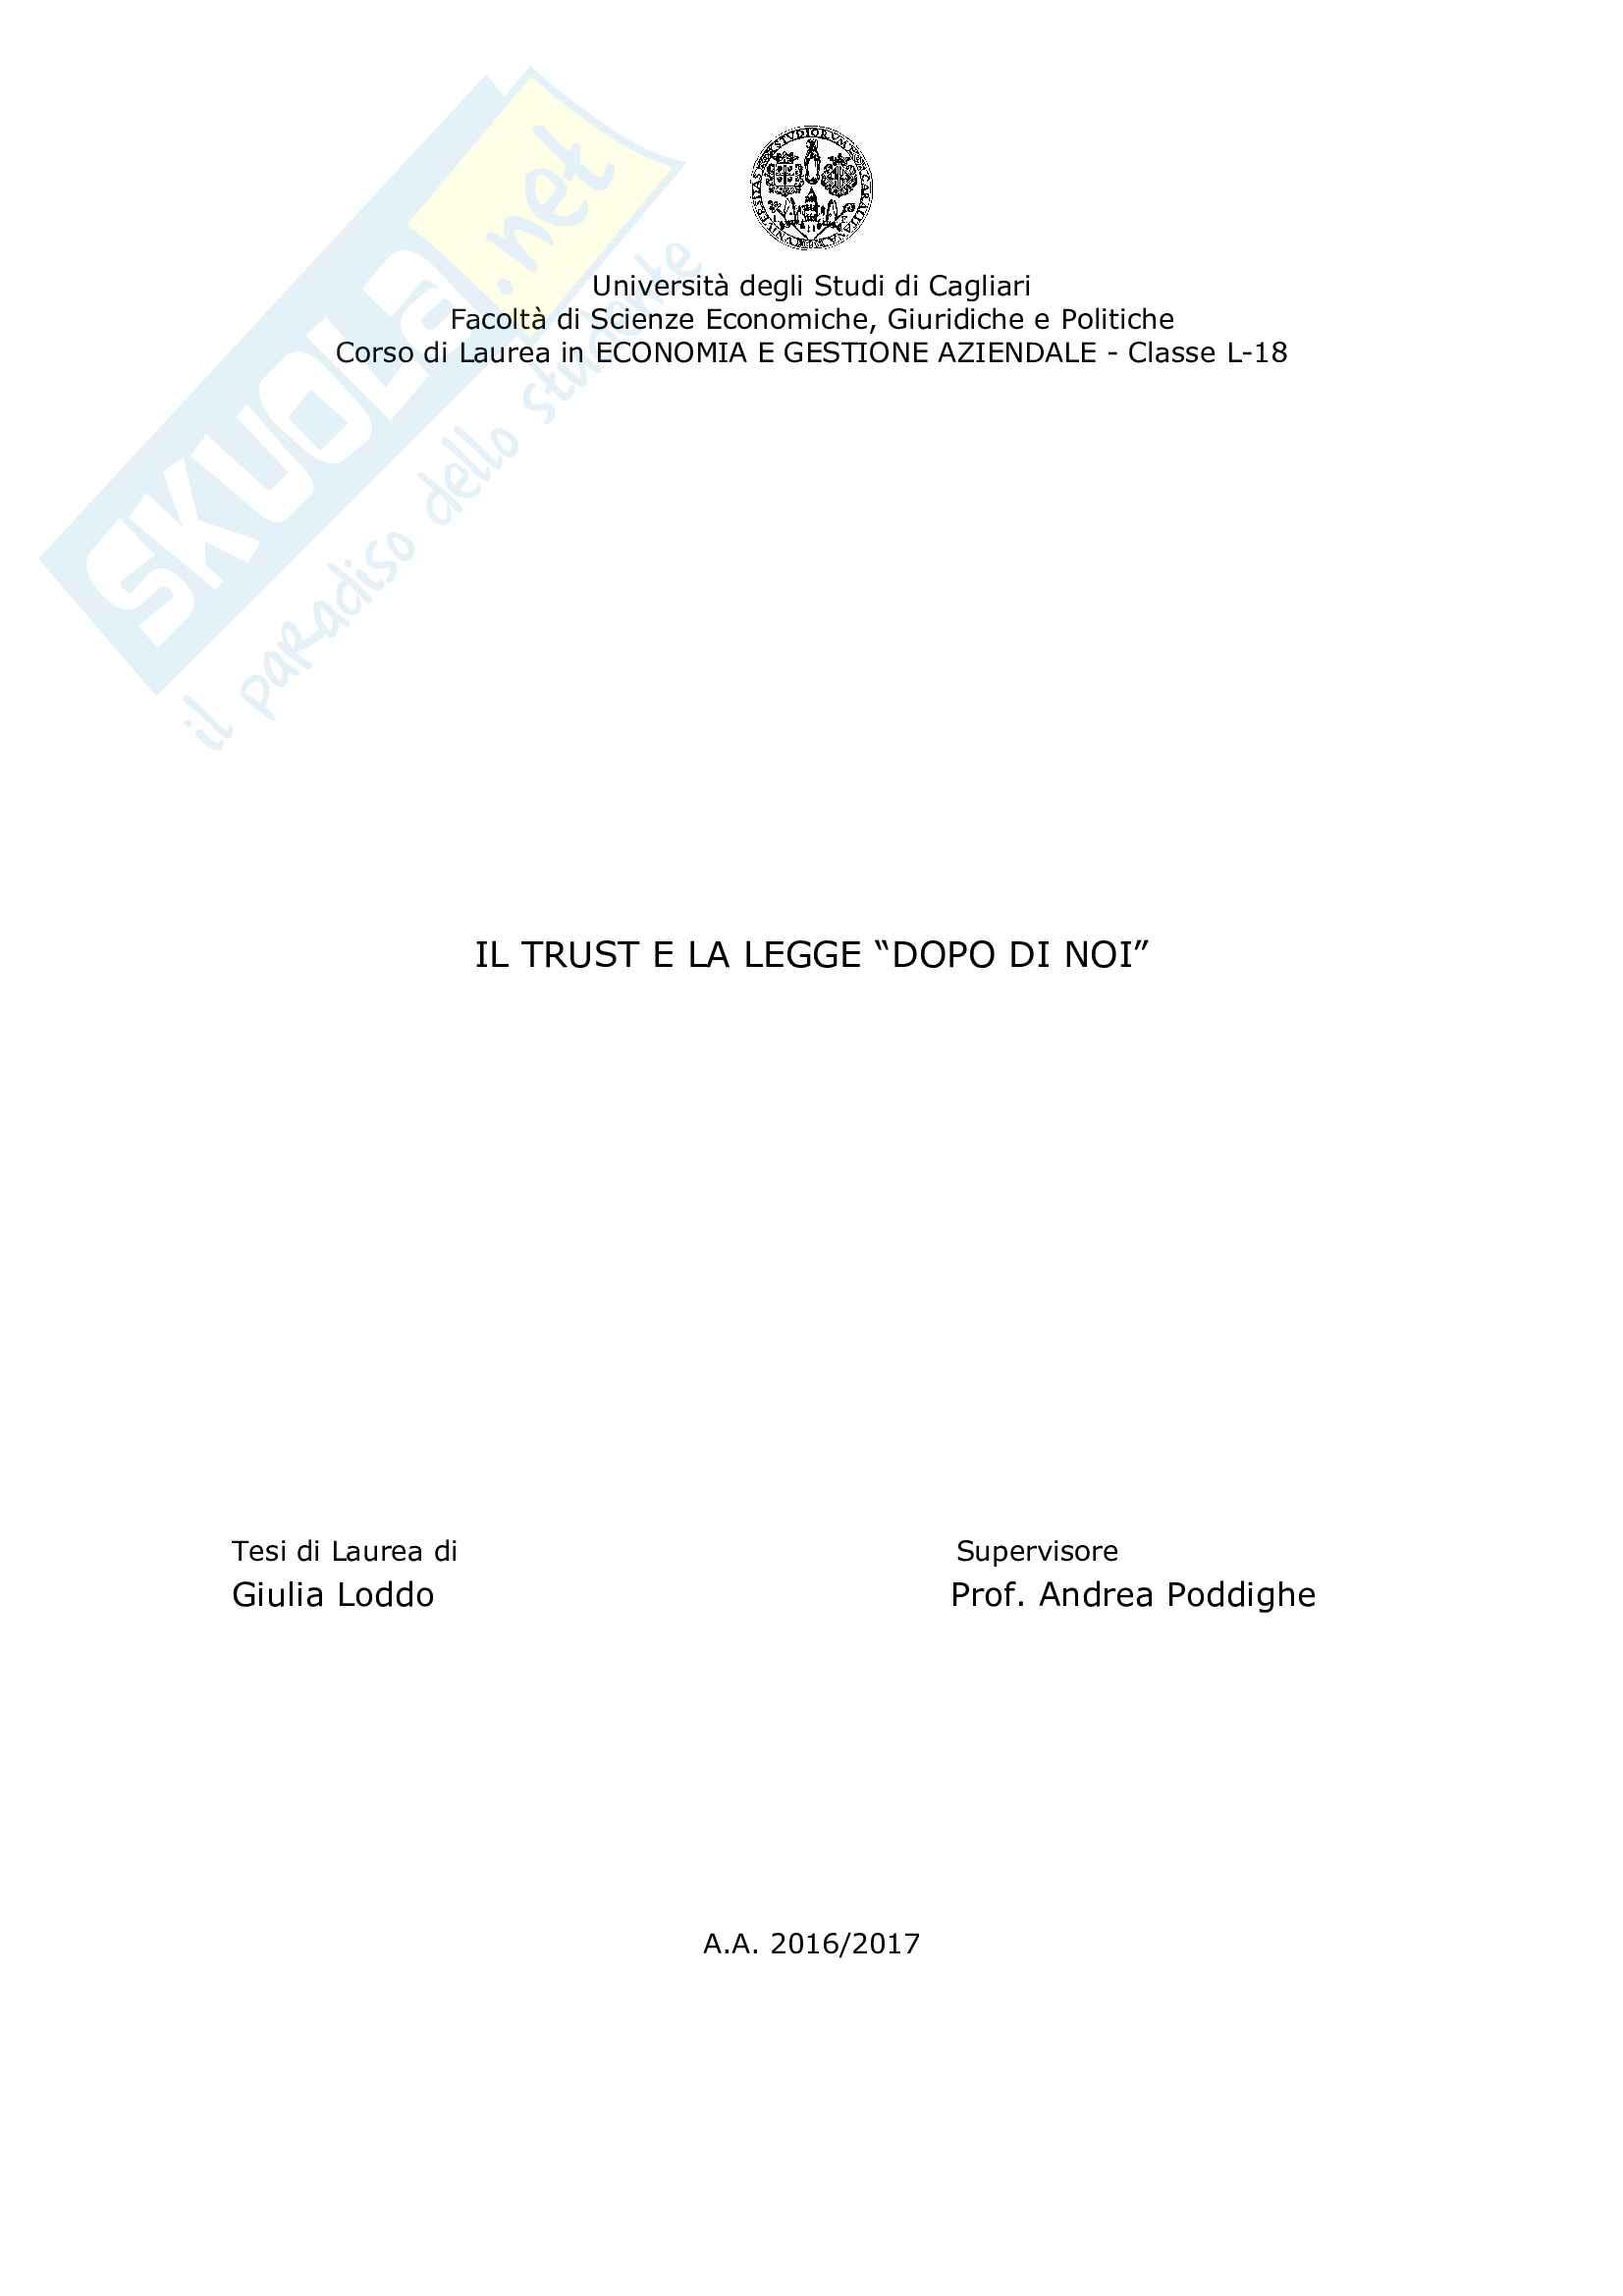 """Tesi di laurea """"Il Trust e la Legge Dopo di Noi"""", Prof. Poddighe, di Giulia Loddo"""